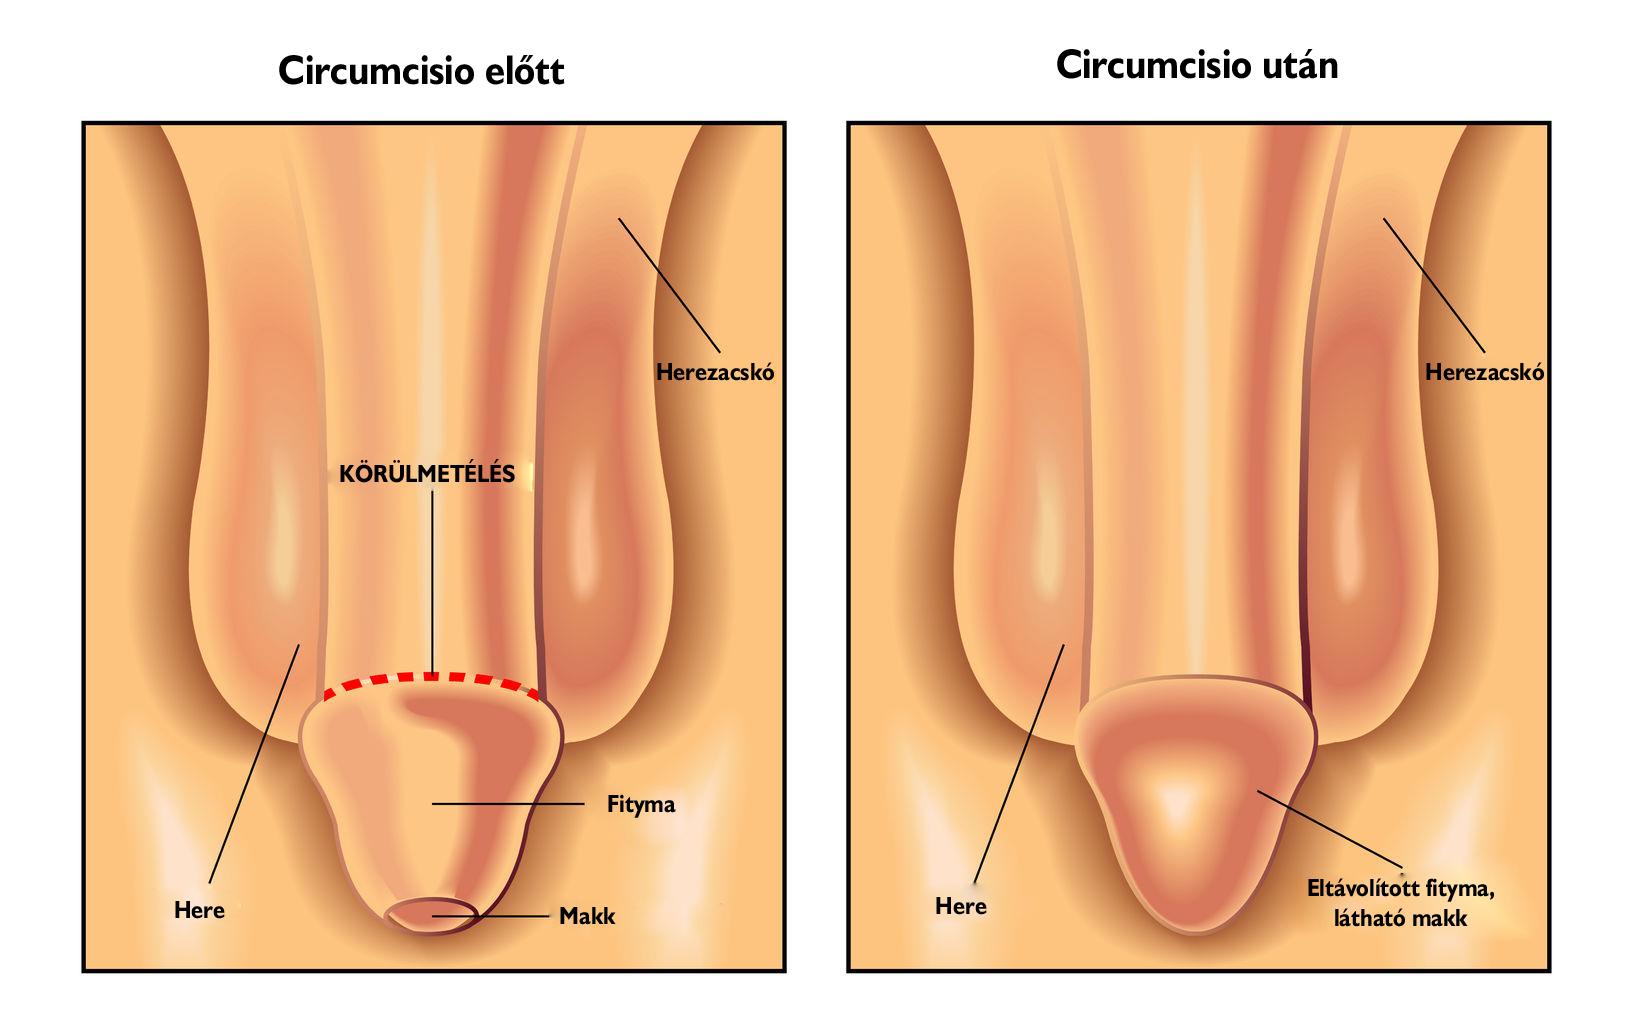 pénisz műtét nélkül